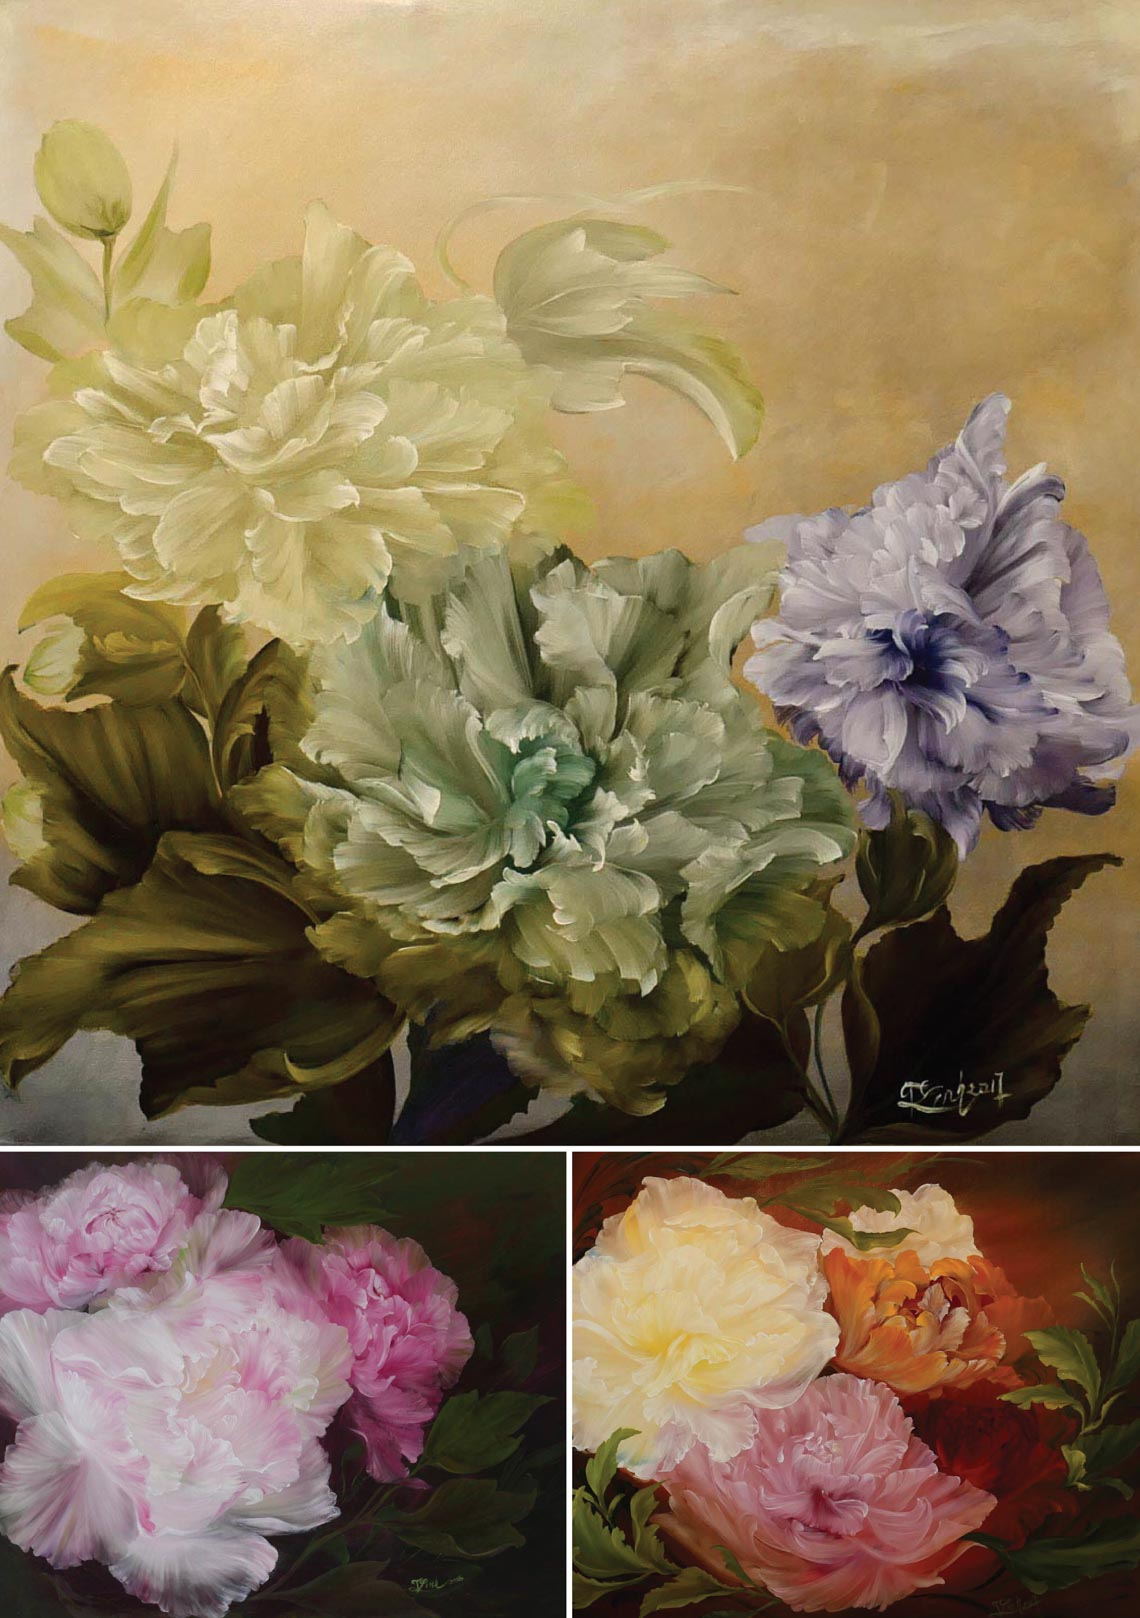 Họa sĩ Trần Thùy Linh: Theo đuổi hội họa rất cần vốn sống và sự chiêm nghiệm -31